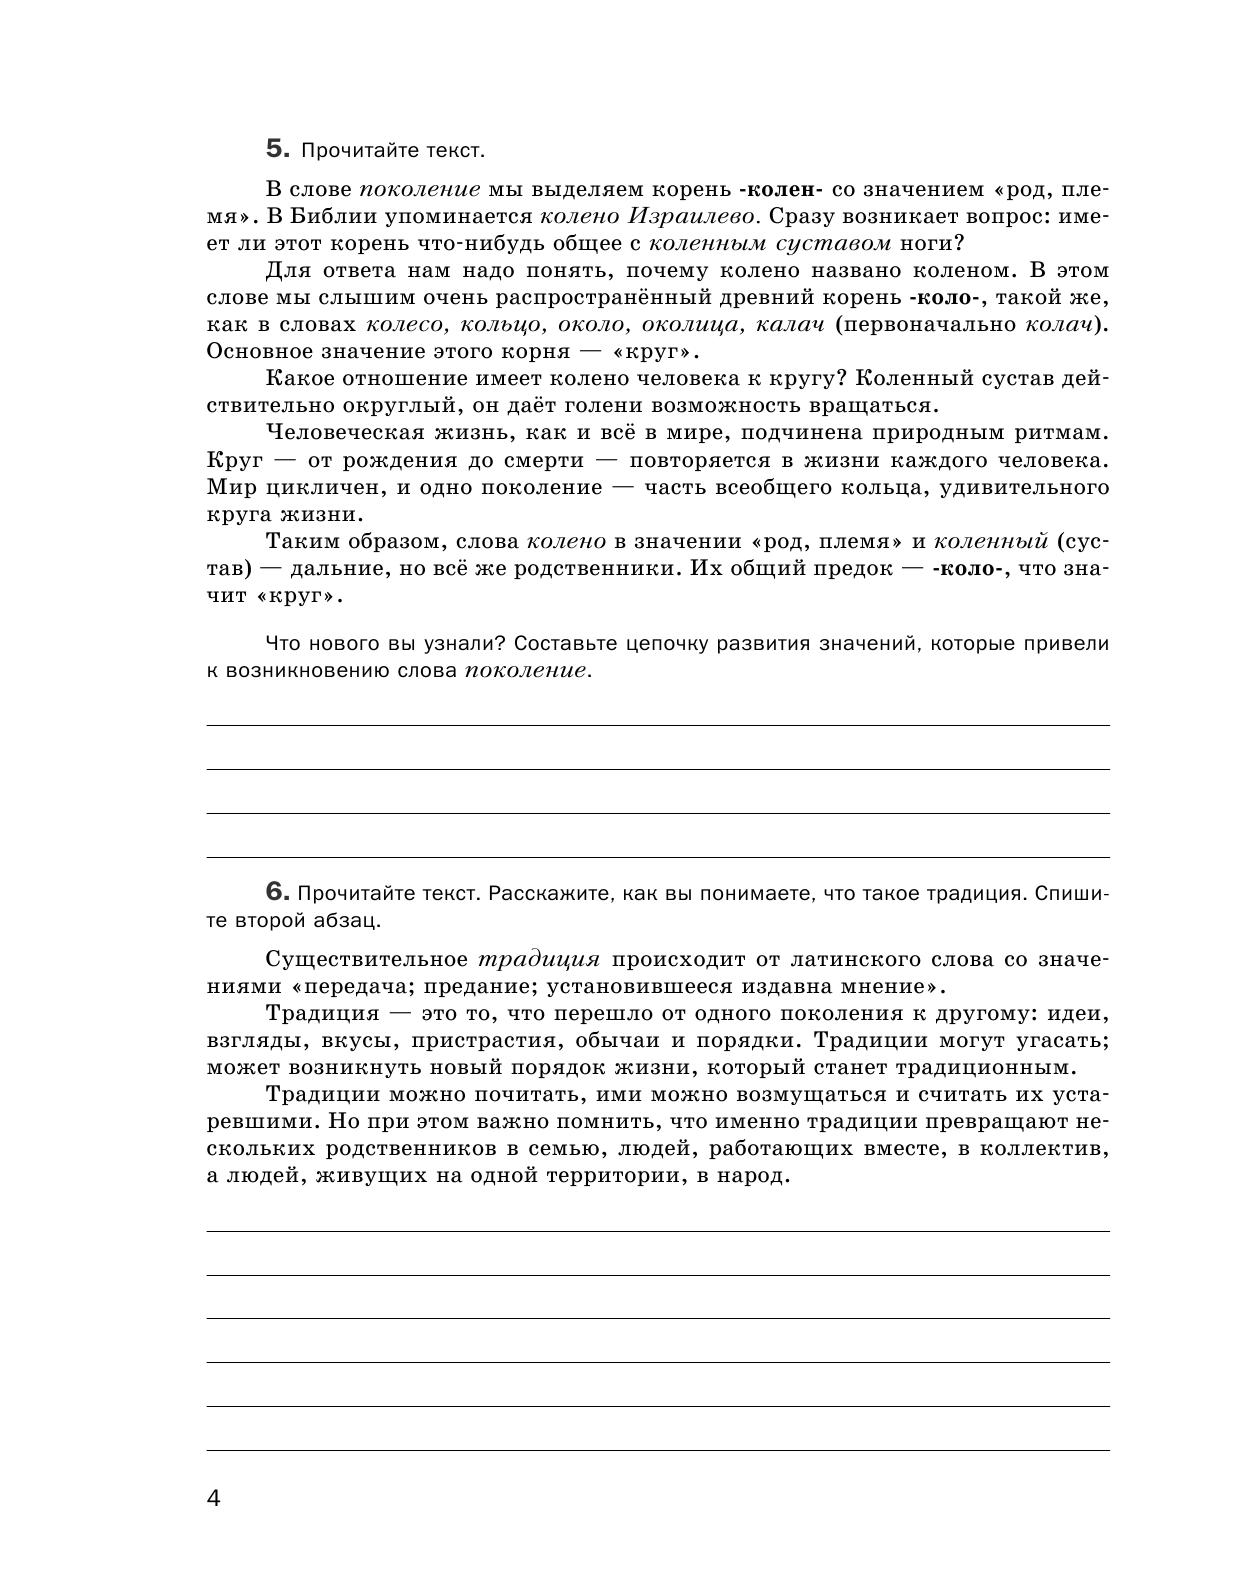 гдз по русскому языку 5 класс шмелева 2015 фгос 1 часть